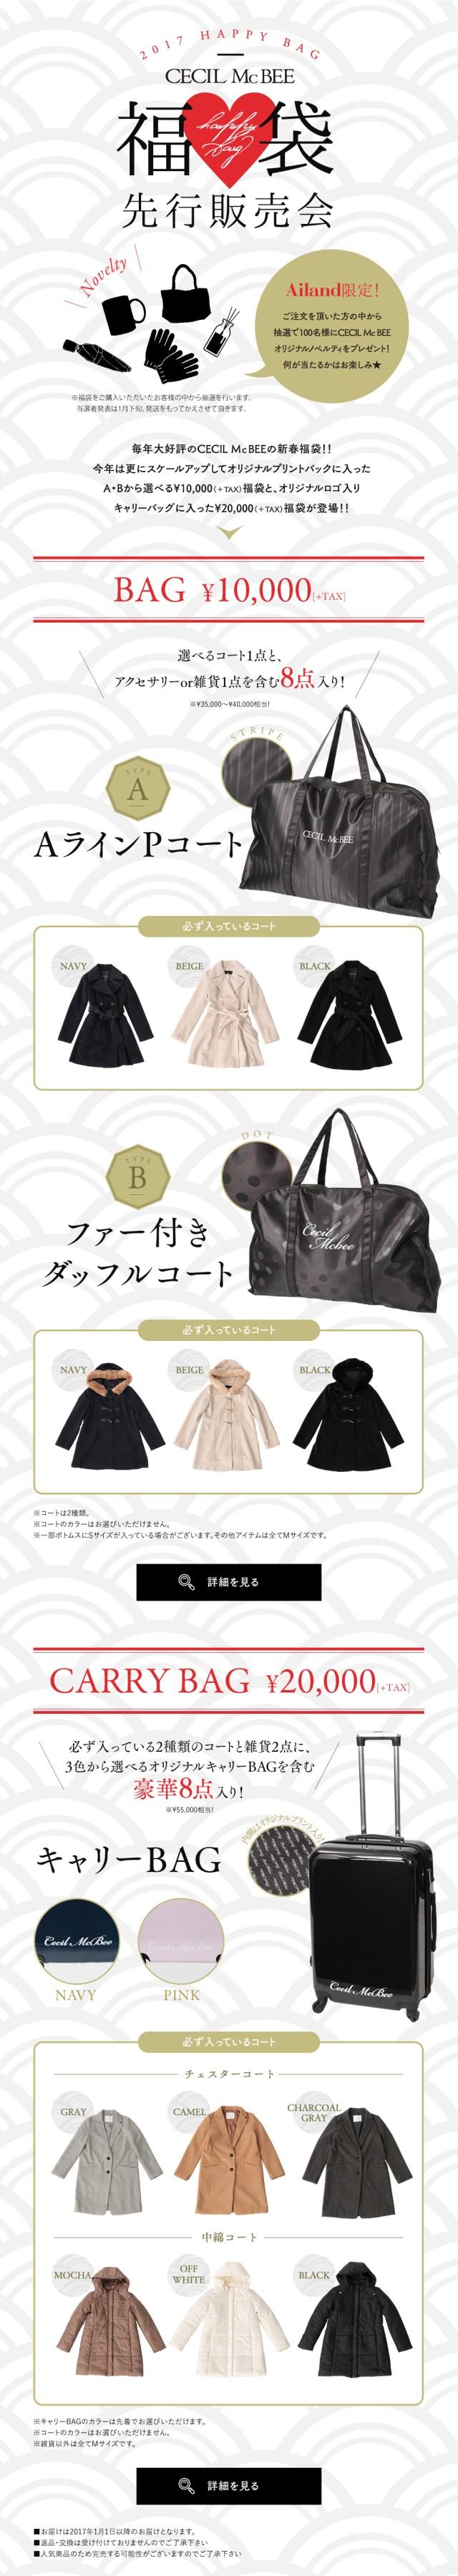 2017 HAPPY BAG - 福袋 先行販売会